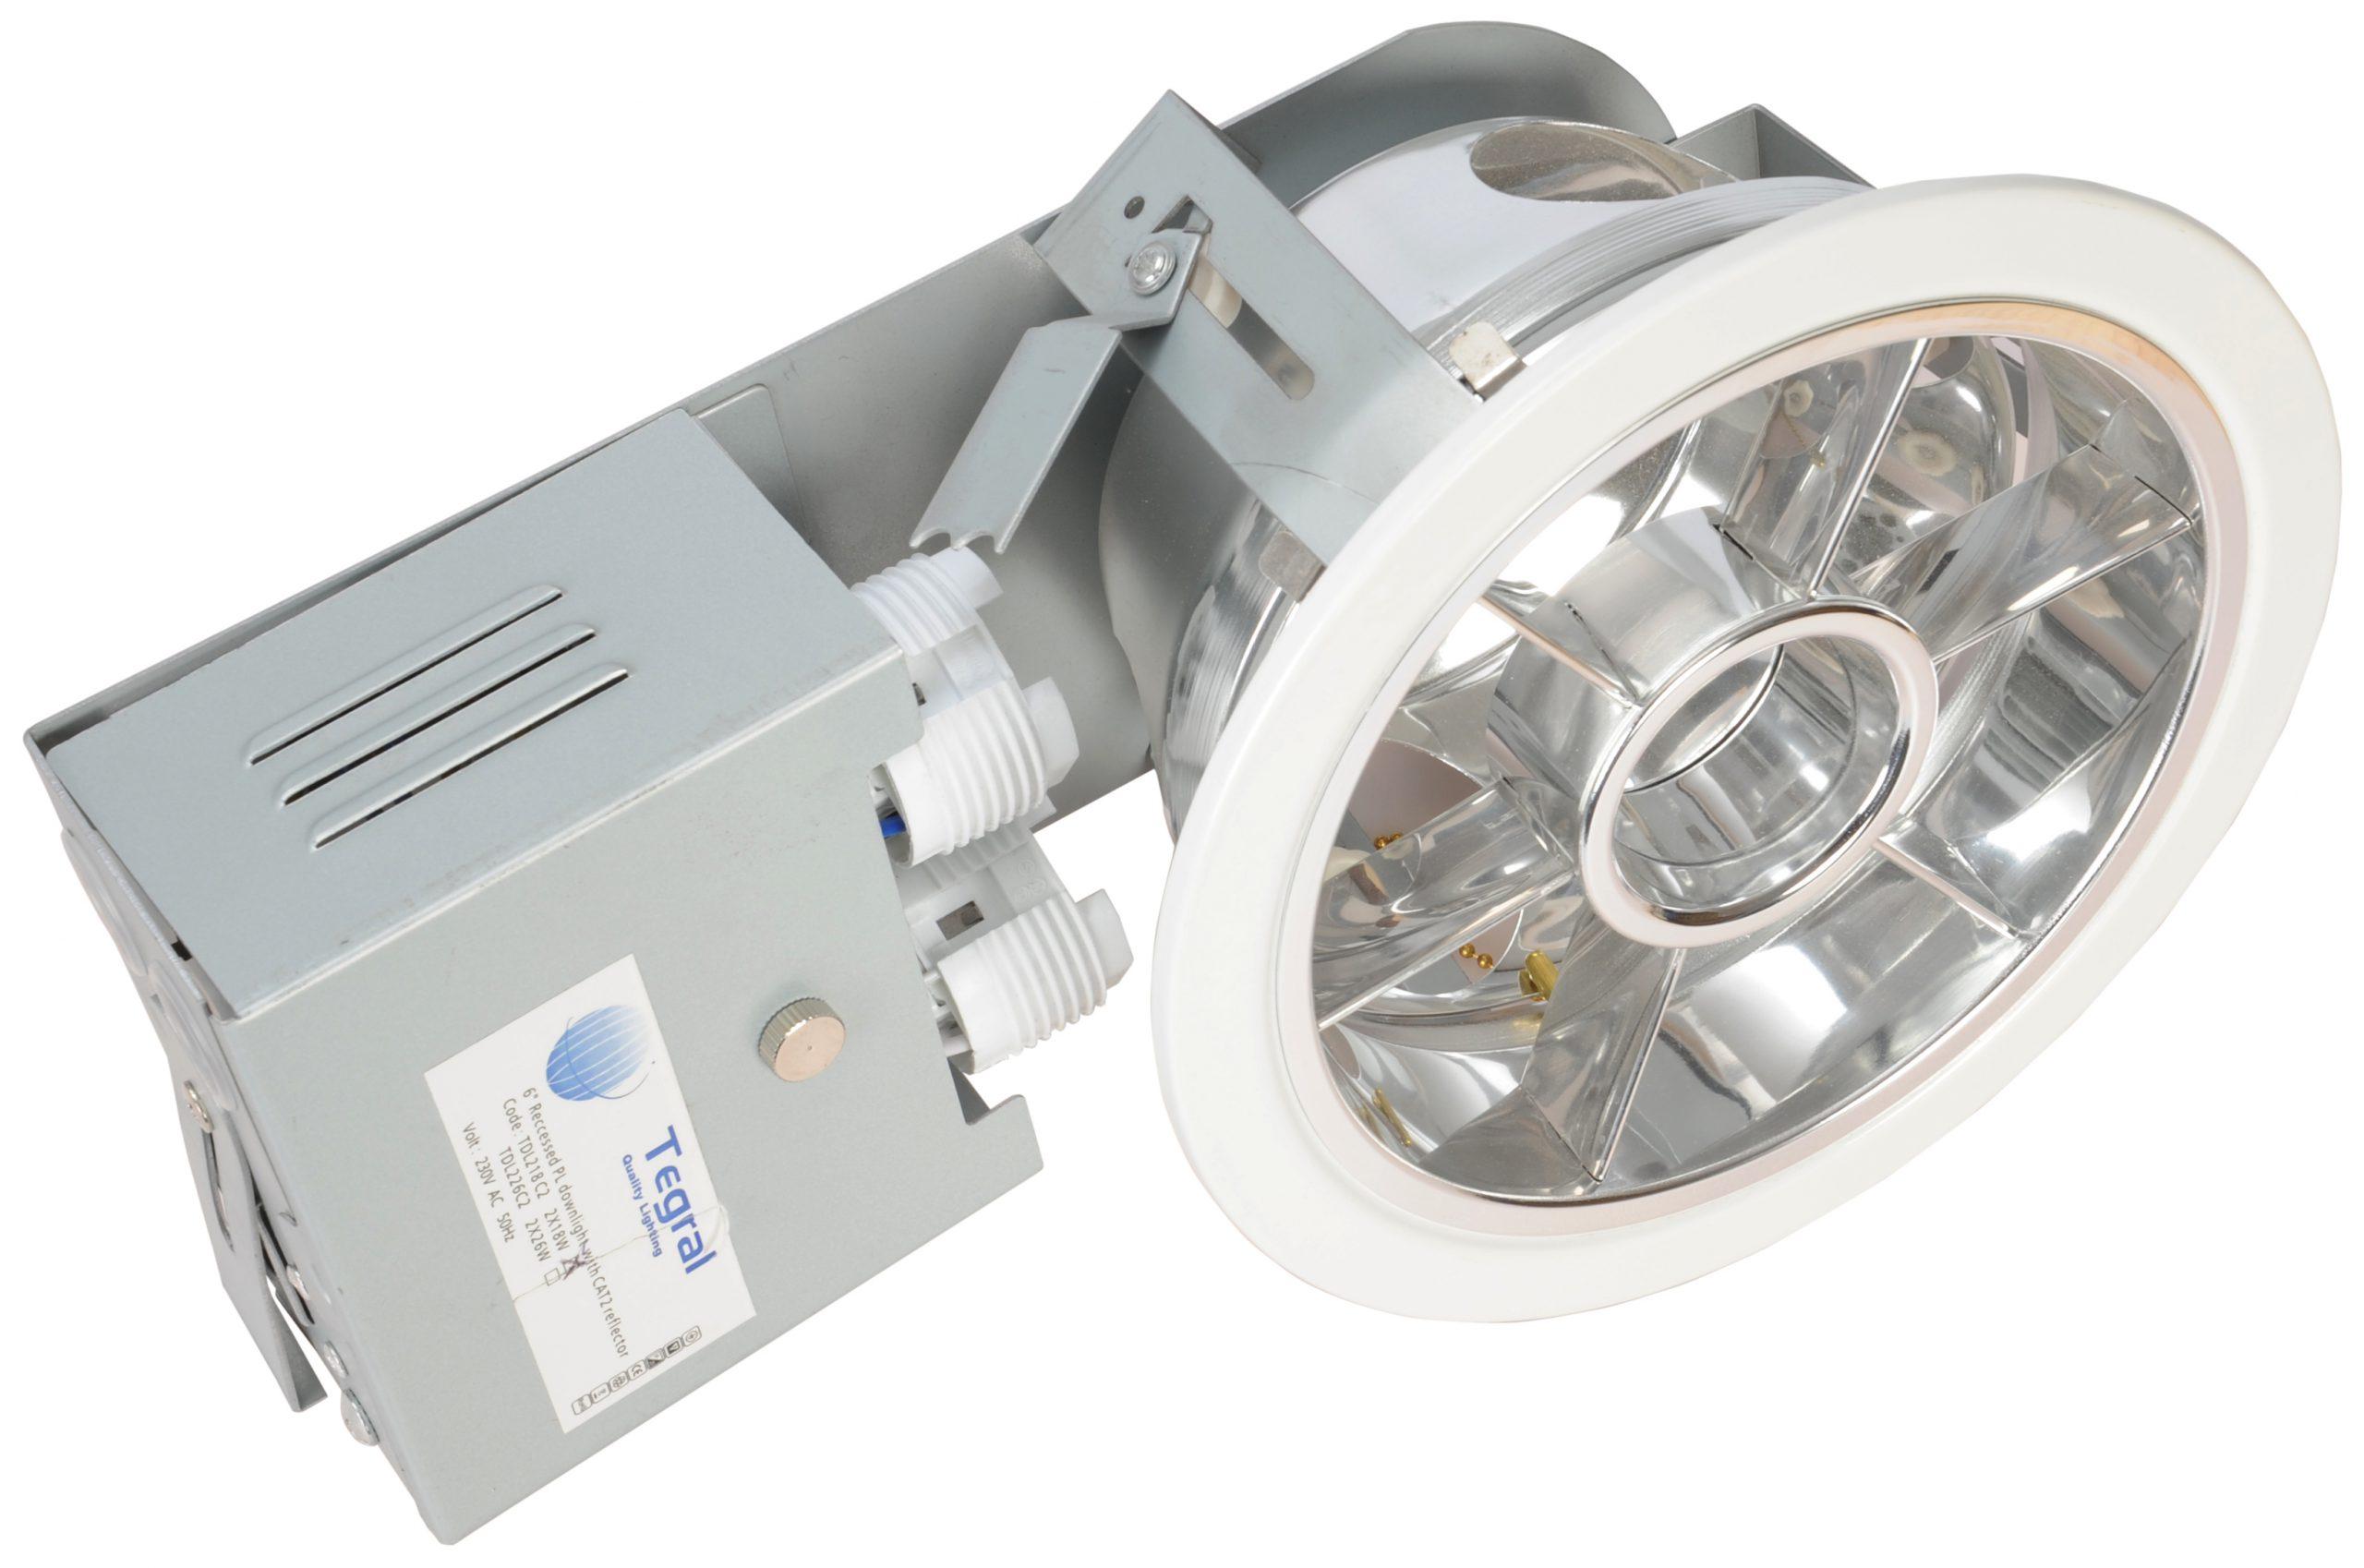 Einbaudownlight TC-DEL, mit Parabolspiegelraster, IP20